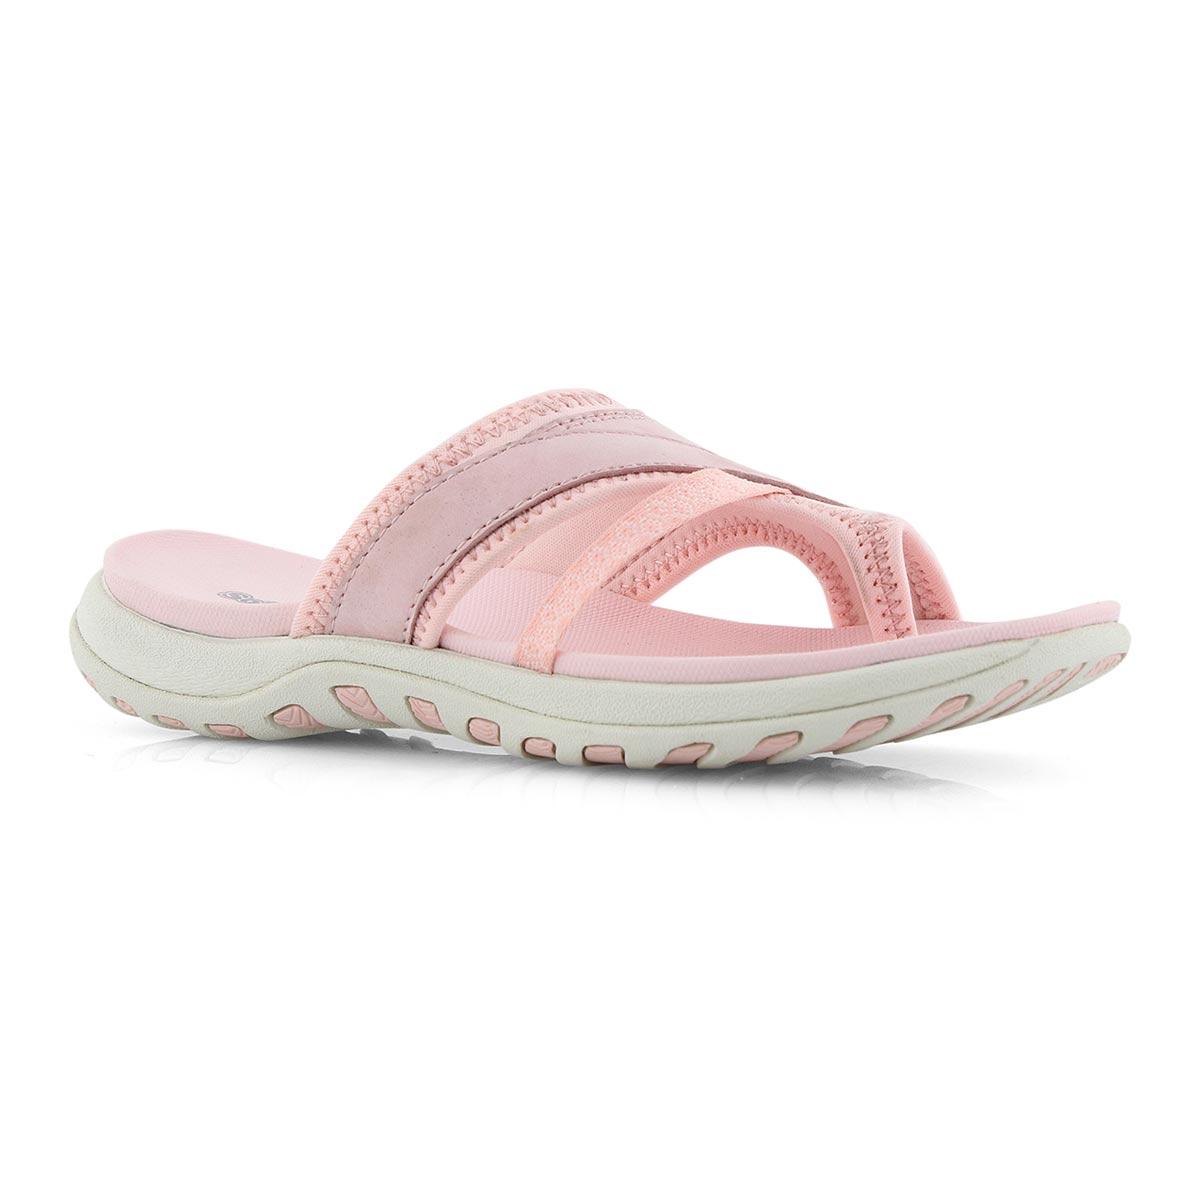 Lds Cynthia pink toe wrap sport sandal